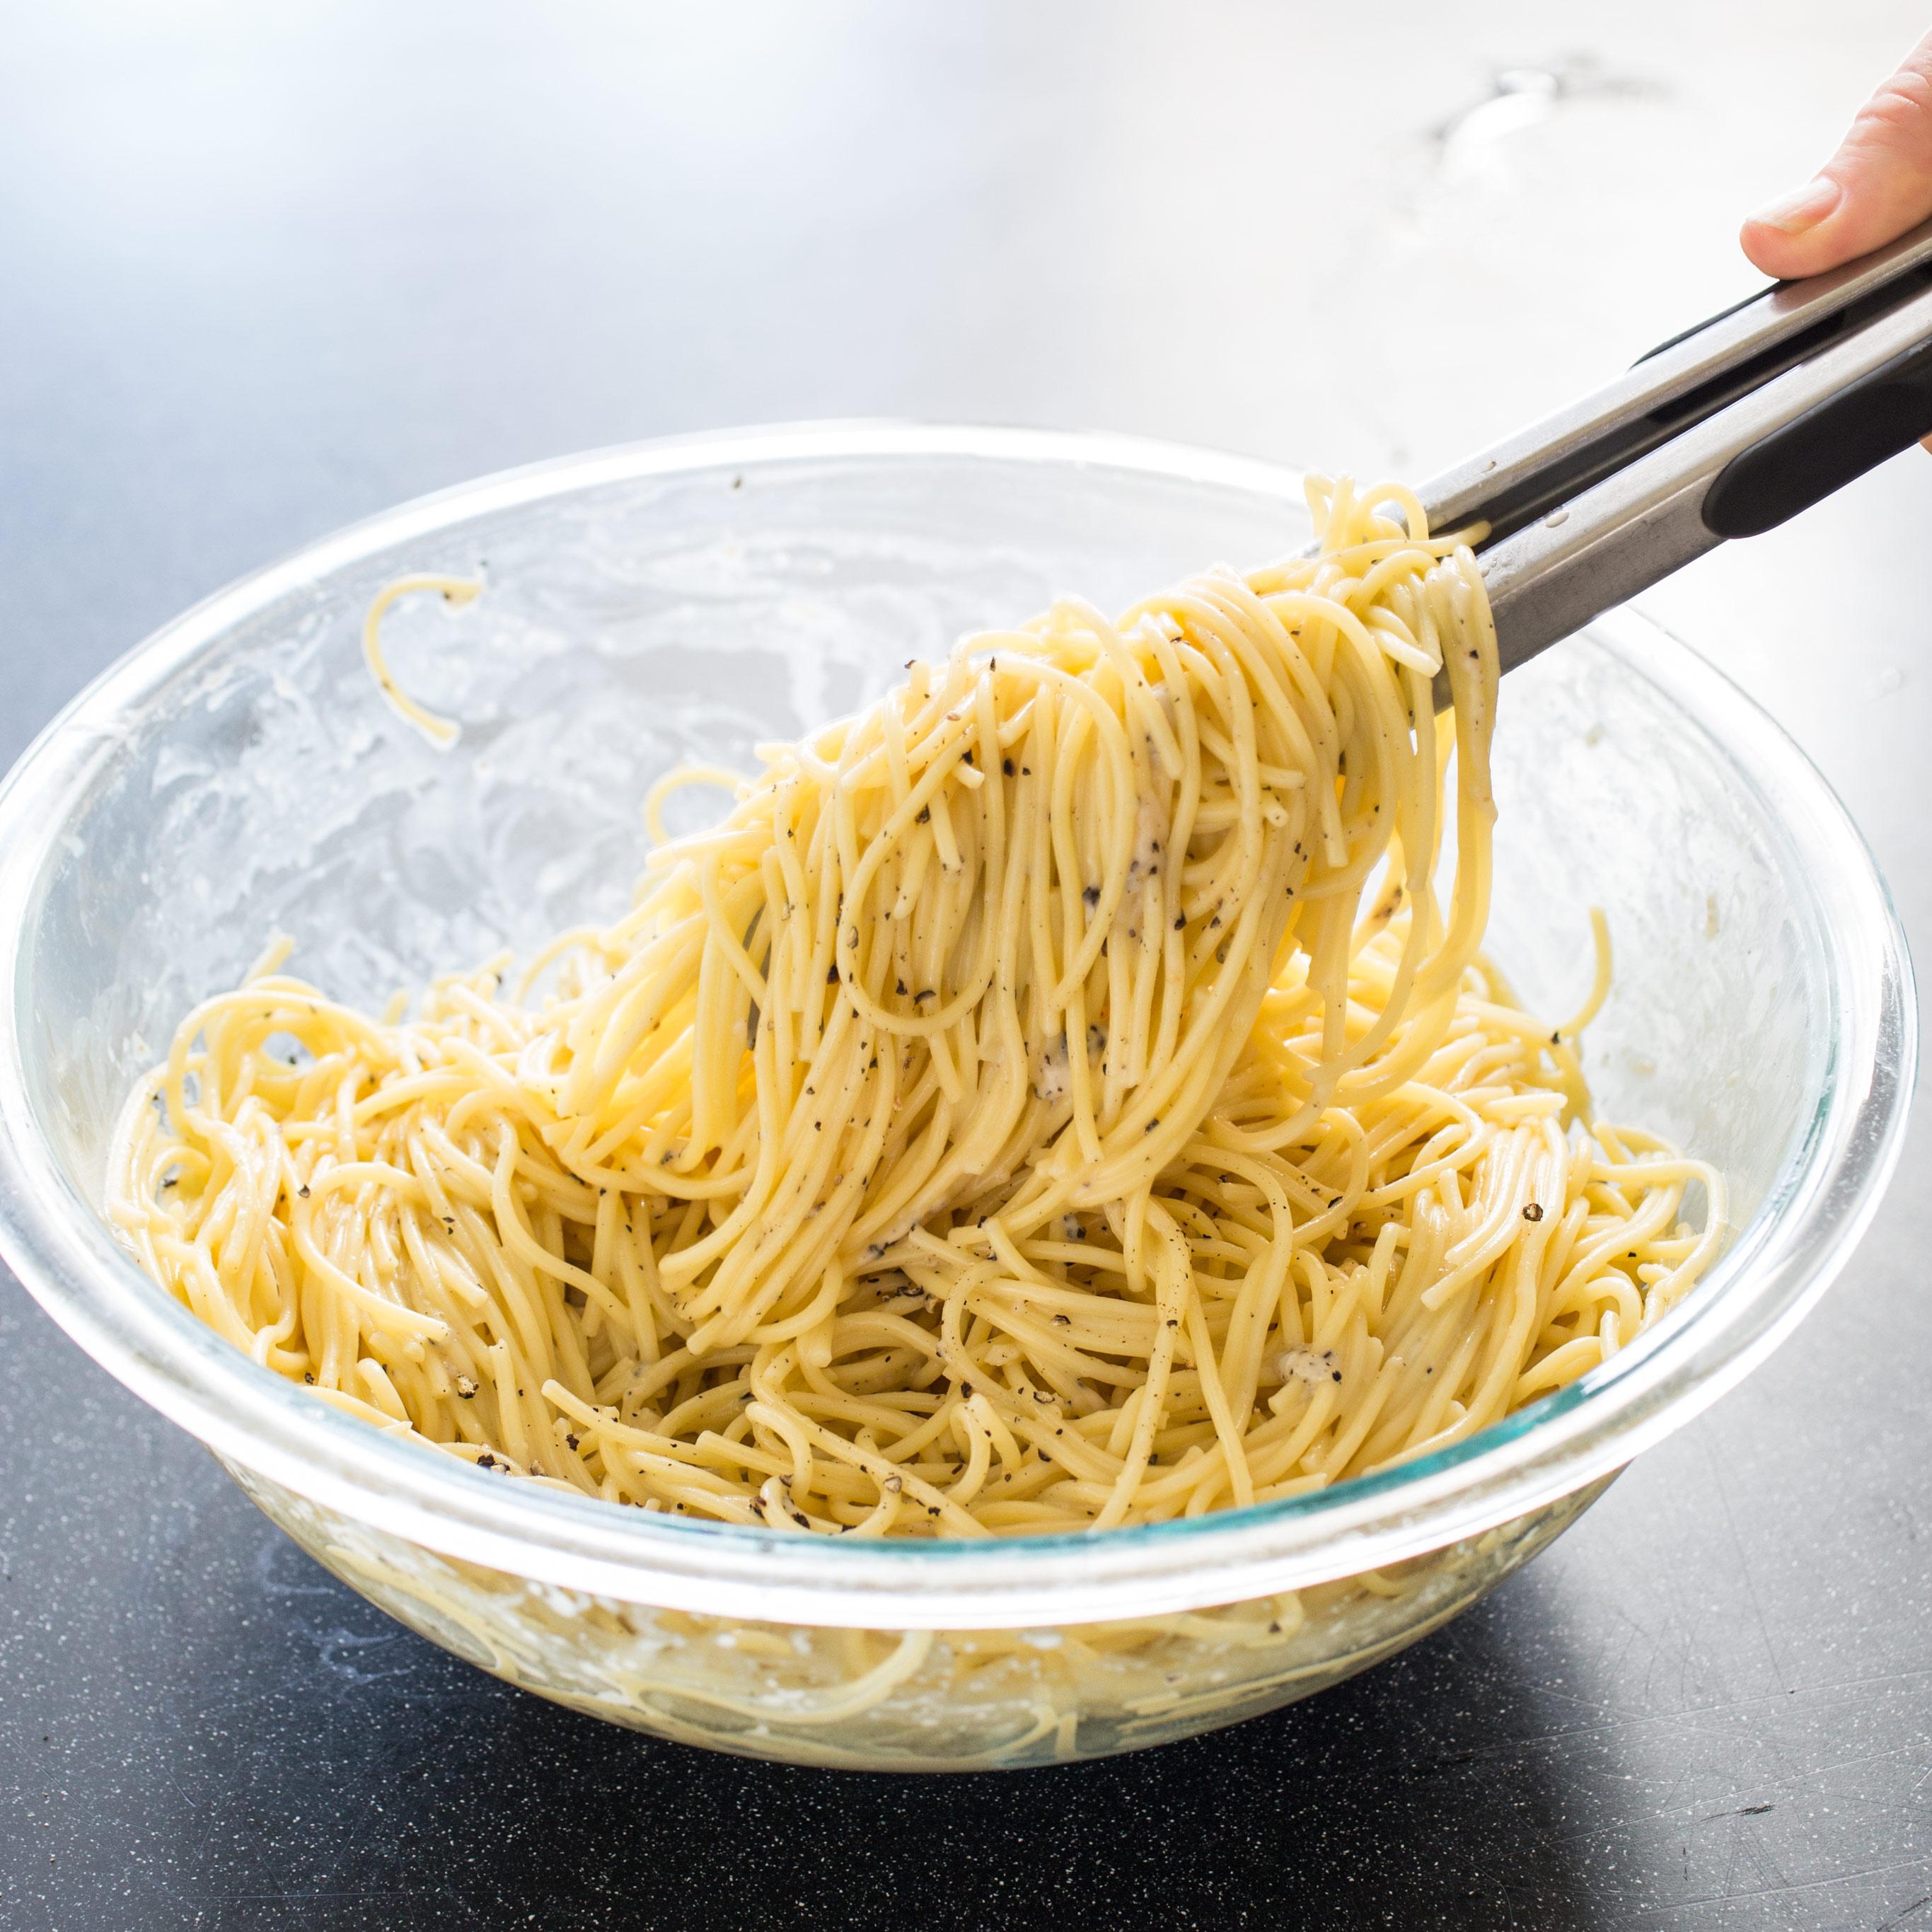 Spaghetti with Pecorino Romano and Black Pepper (Cacio e Pepe)